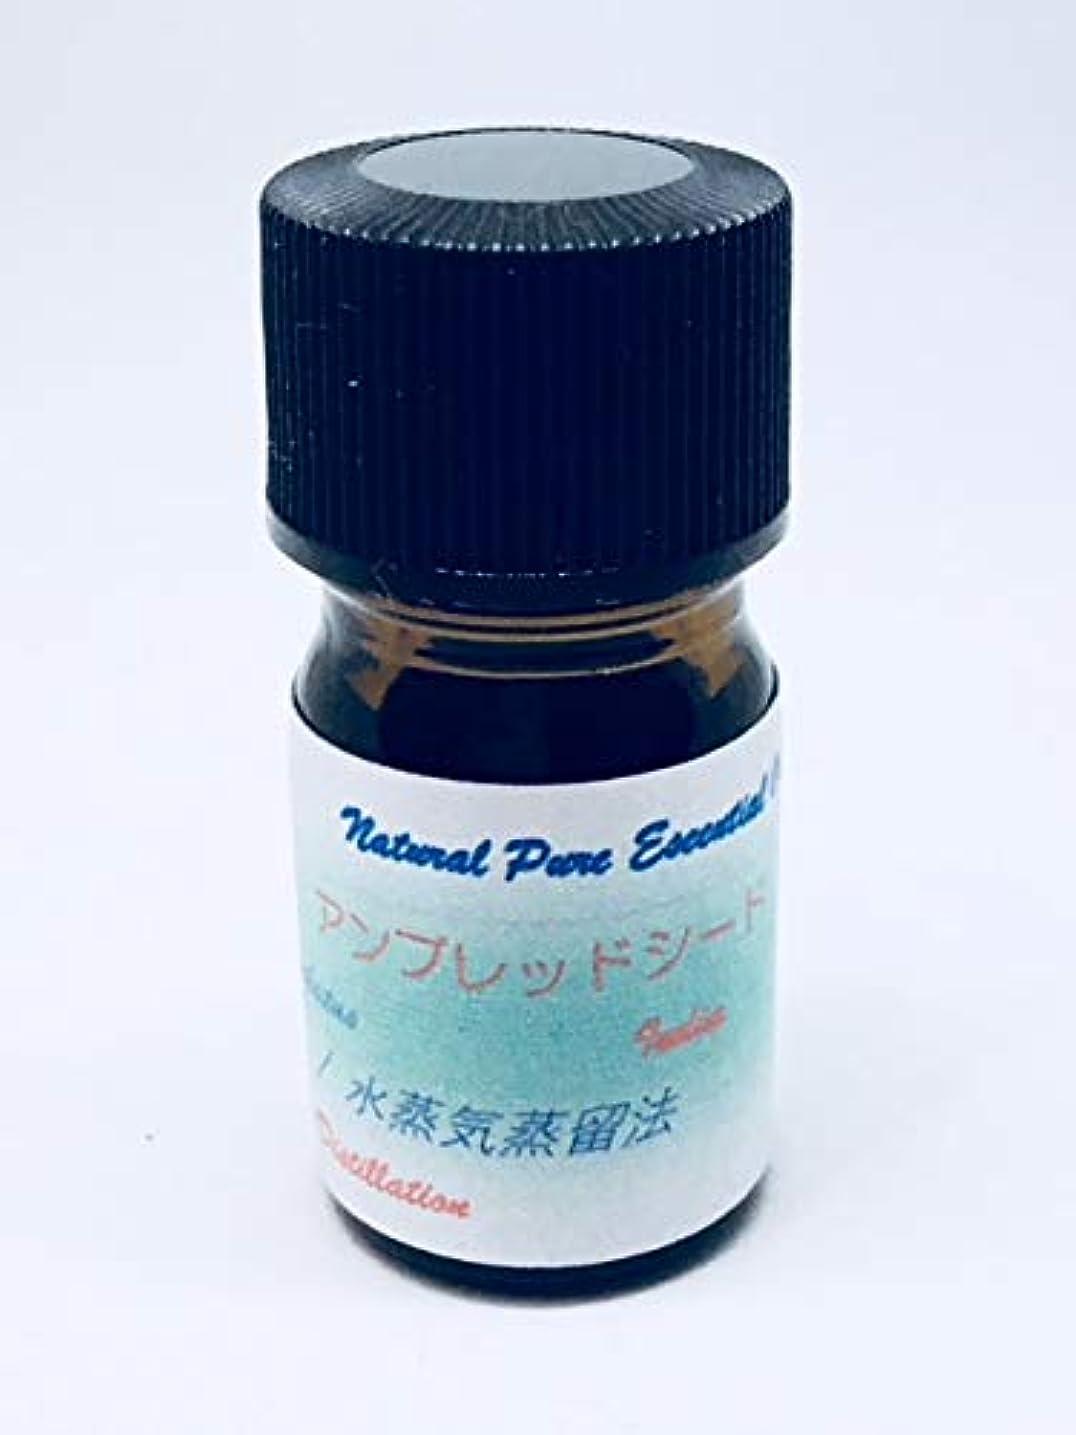 再生的ナプキン改革アンブレッドシード(植物性ムスク)精油 10ml100%ピュアエッセンシャル